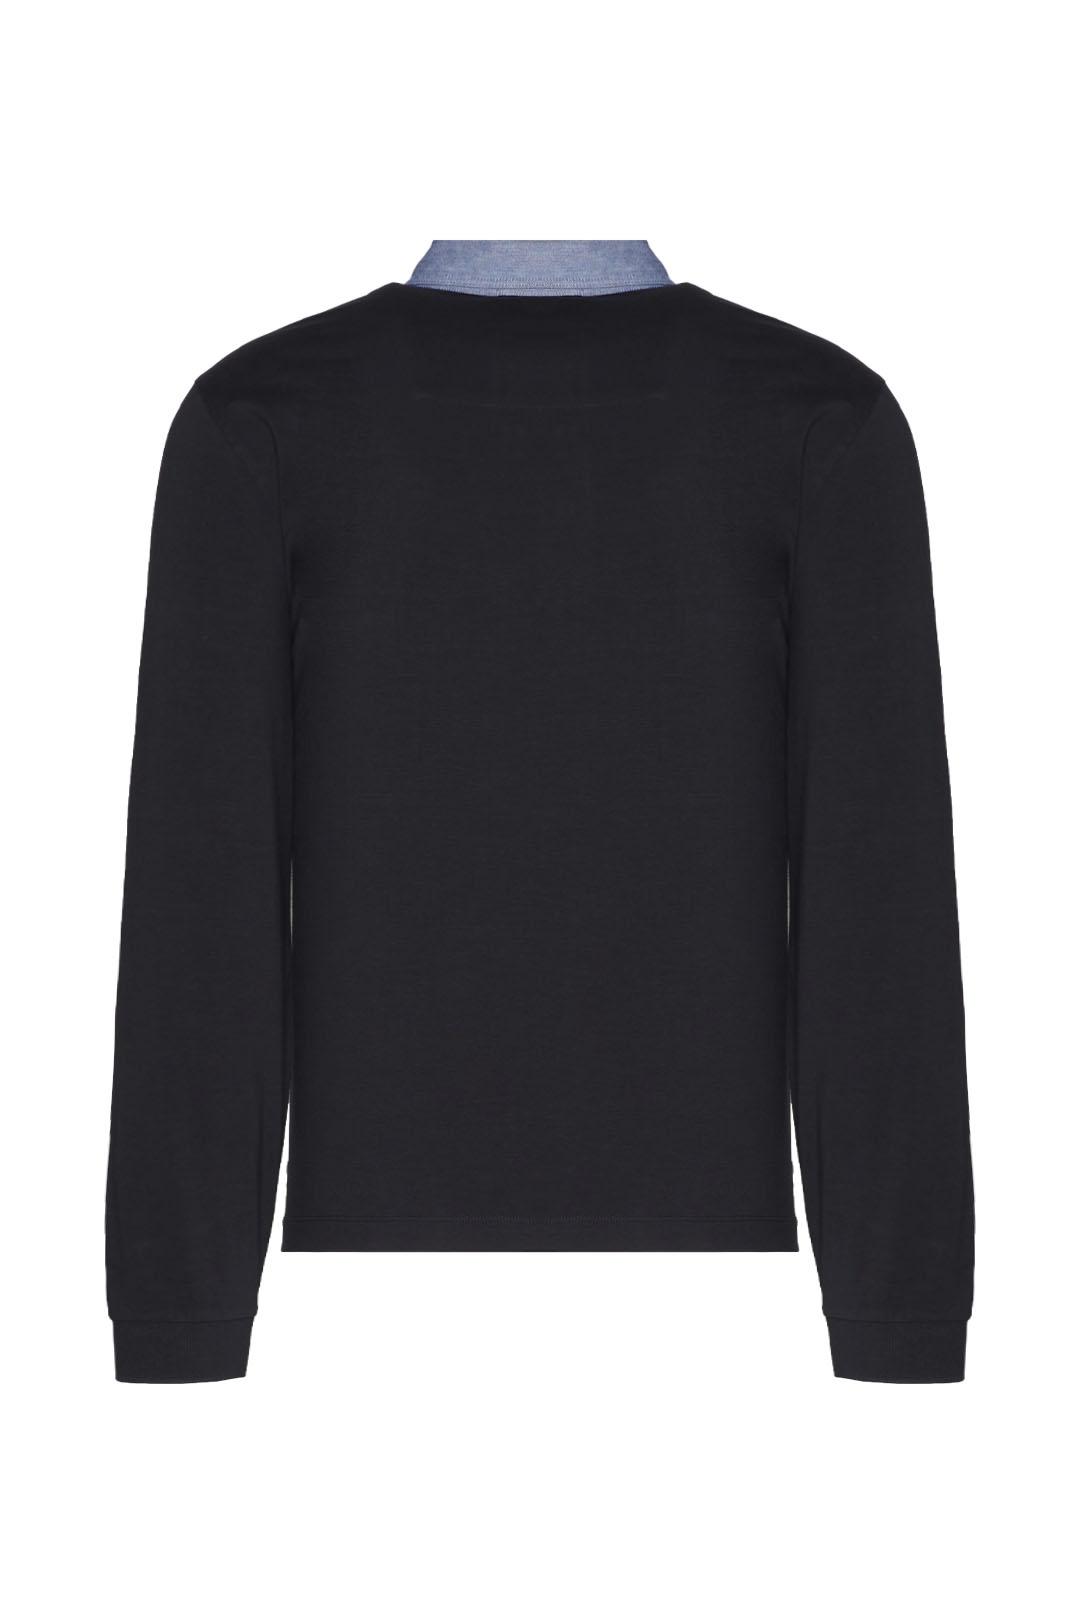 Poloshirt mit Kragen aus Oxford Stoff    2